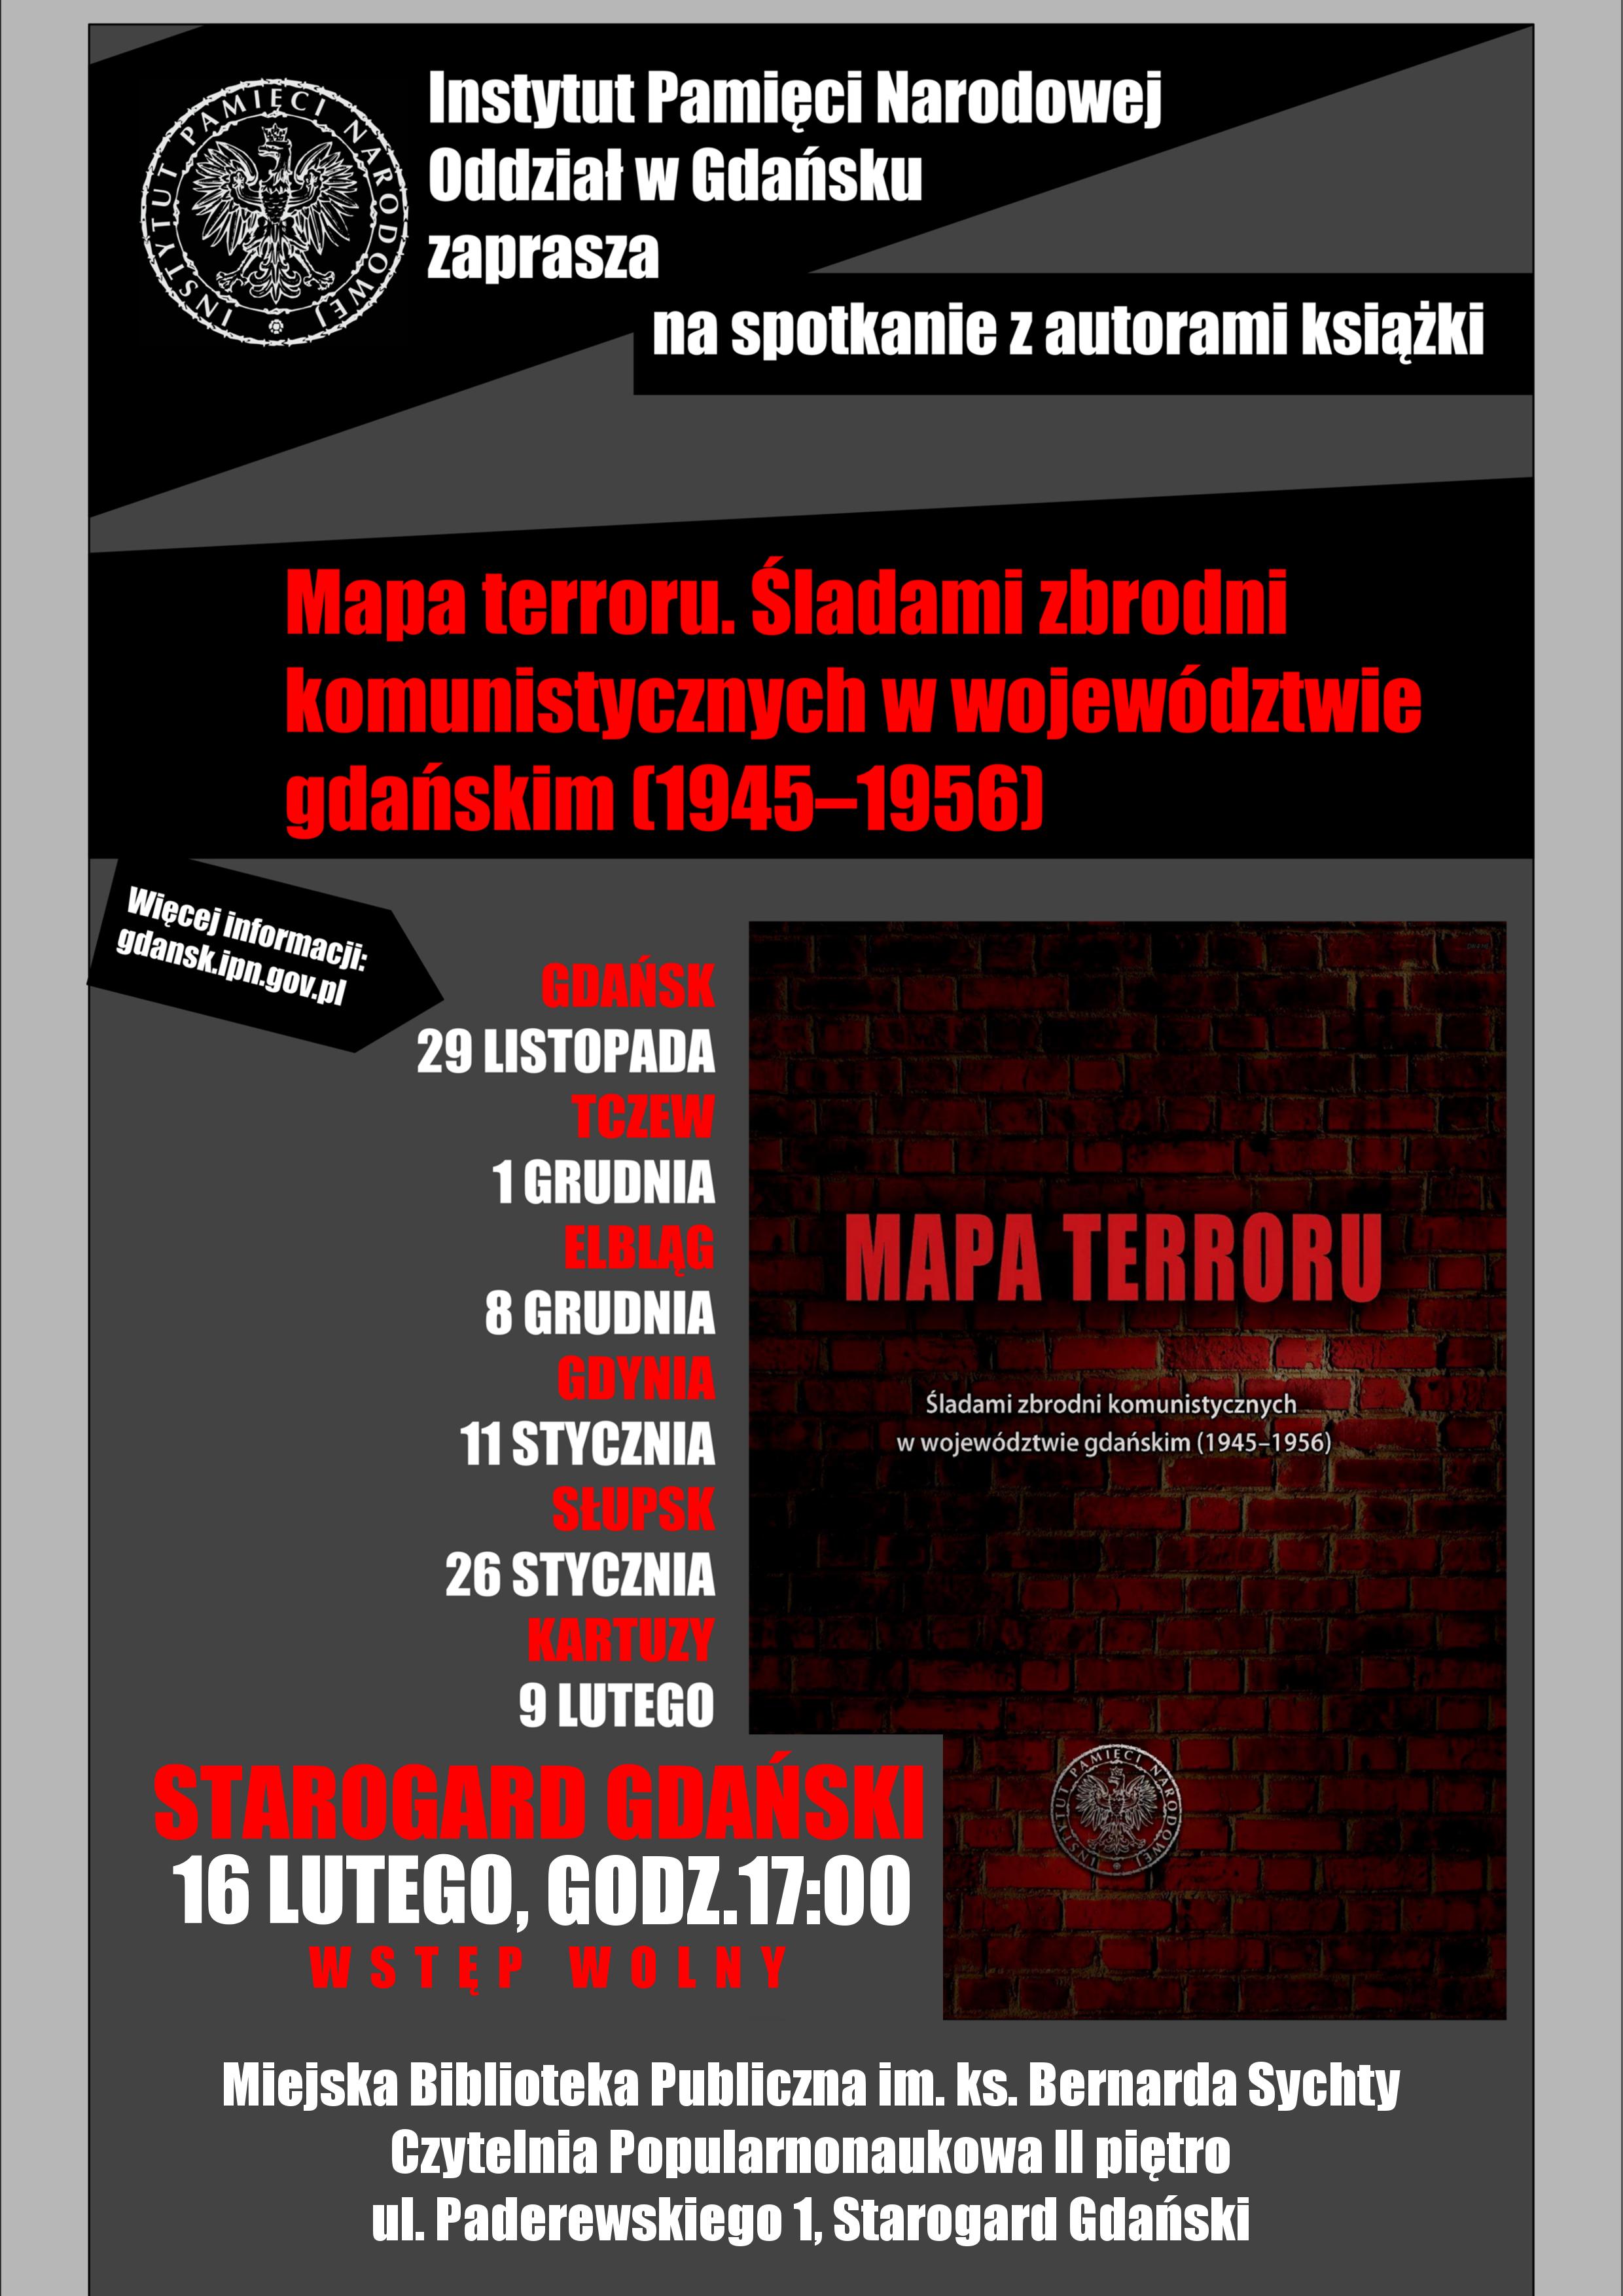 """Spotkanie z autorami książki """"Mapa terroru. Śladami zbrodni komunistycznych w województwie gdańskim (1945–1956)"""""""